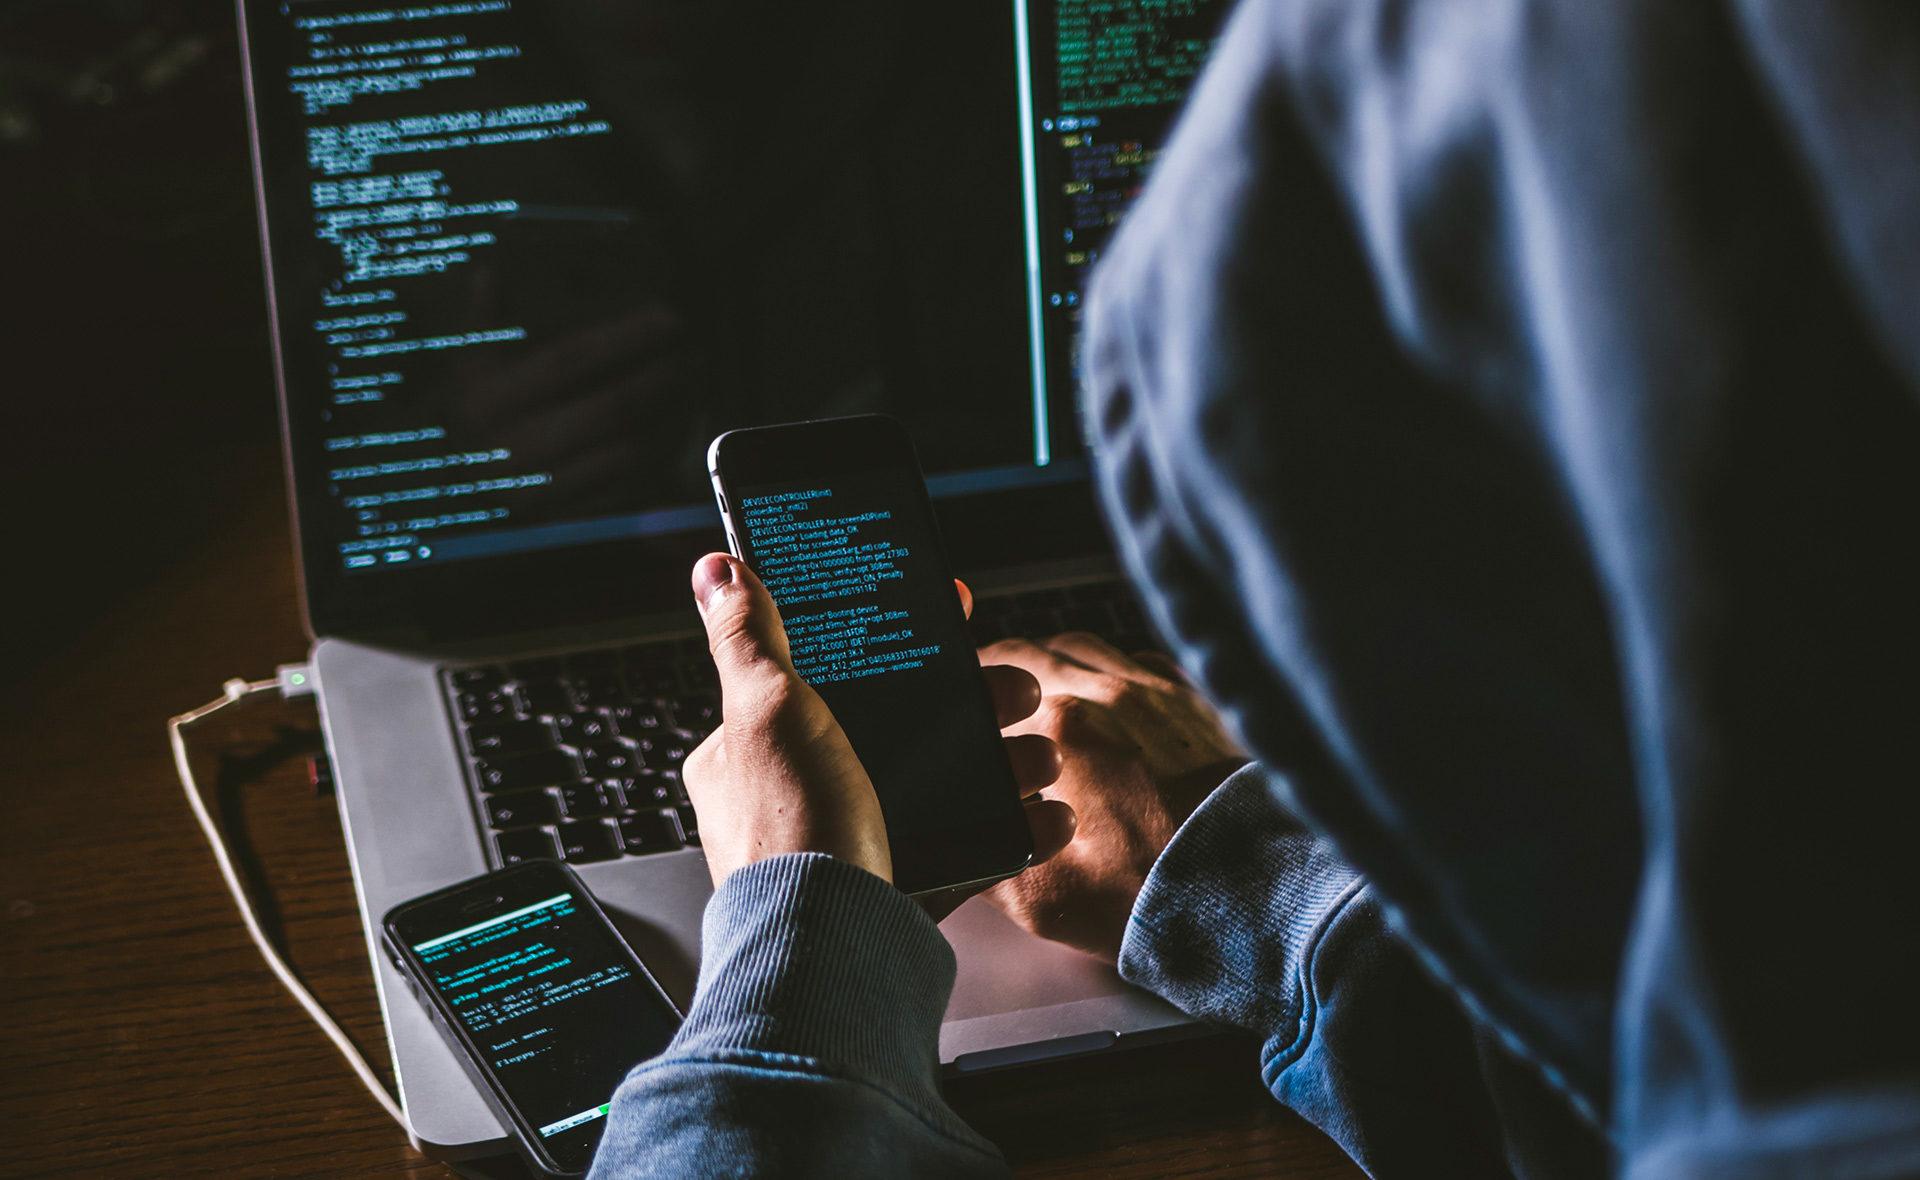 BBVA-Ciberseguridad-ciberdelincuencia-ataque-informatico-problemas-red-robo-datos